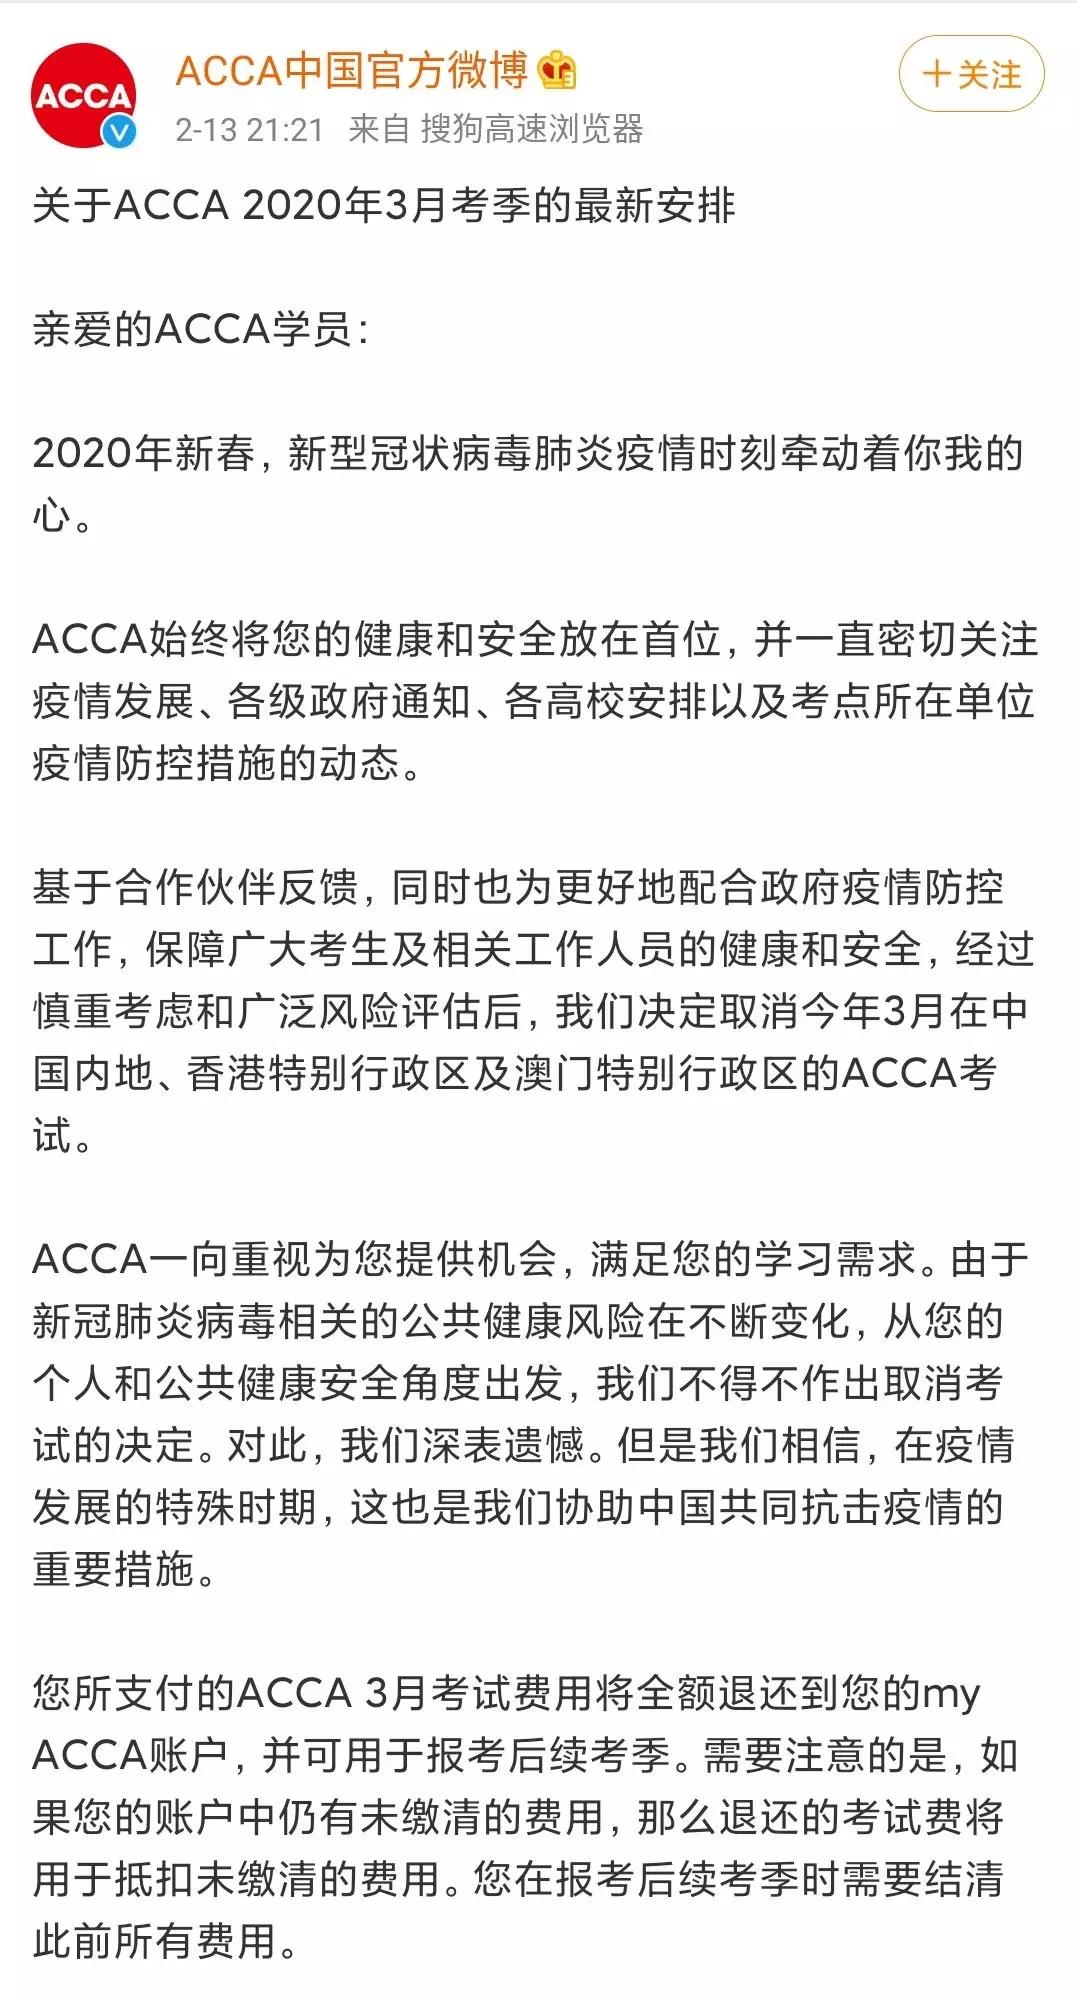 ACCA3月考试季正式取消